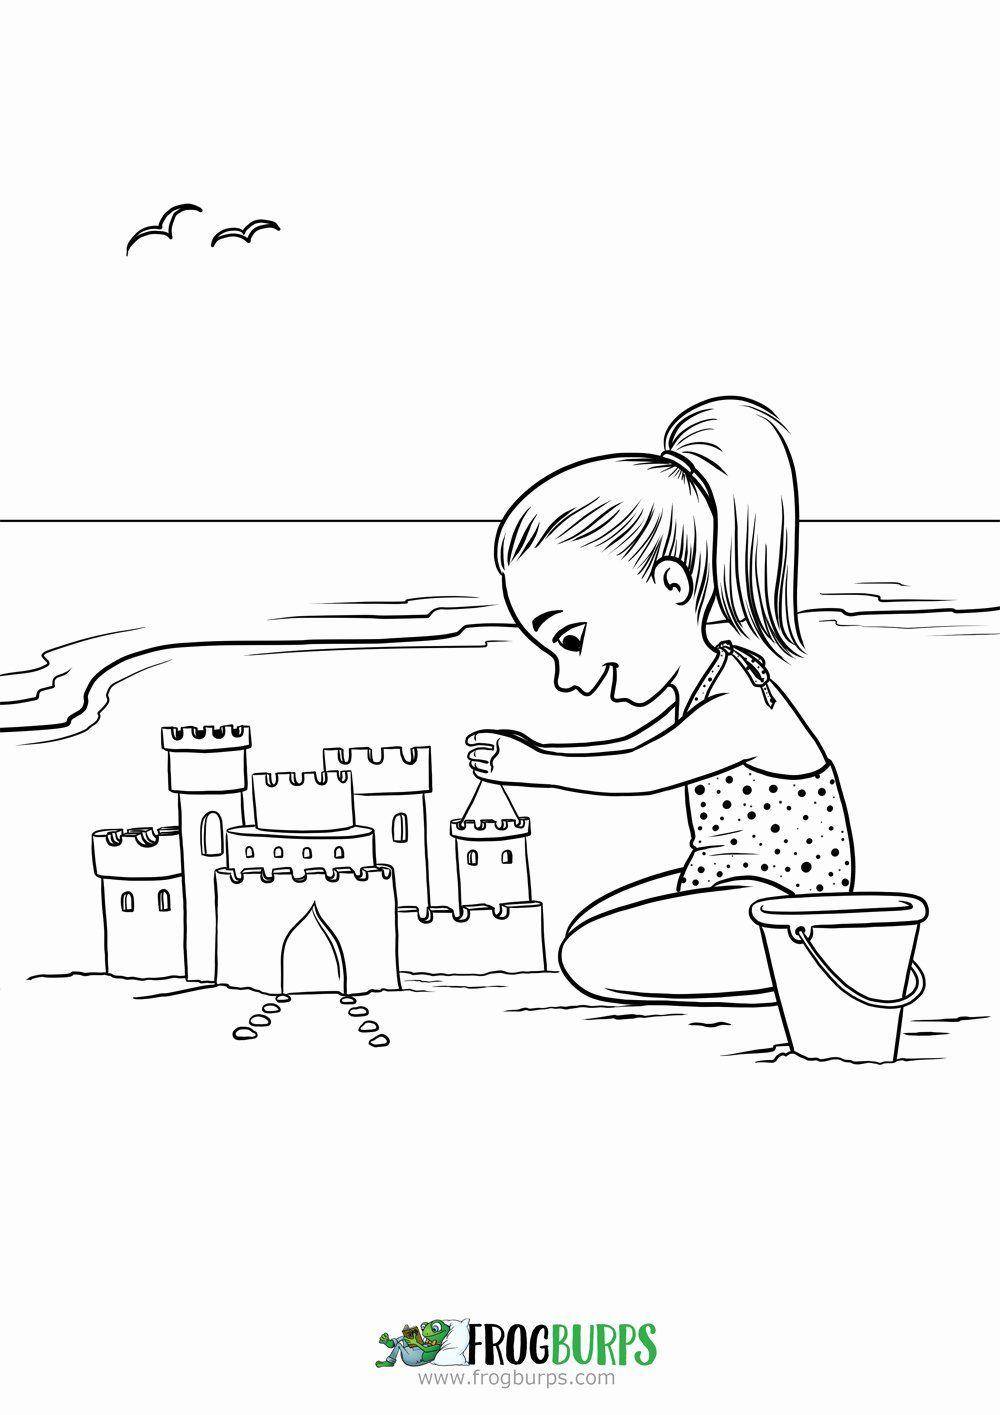 Sand Castle Coloring Page Unique Sand Castle Coloring Page Castle Coloring Page Coloring Pages Ladybug Coloring Page